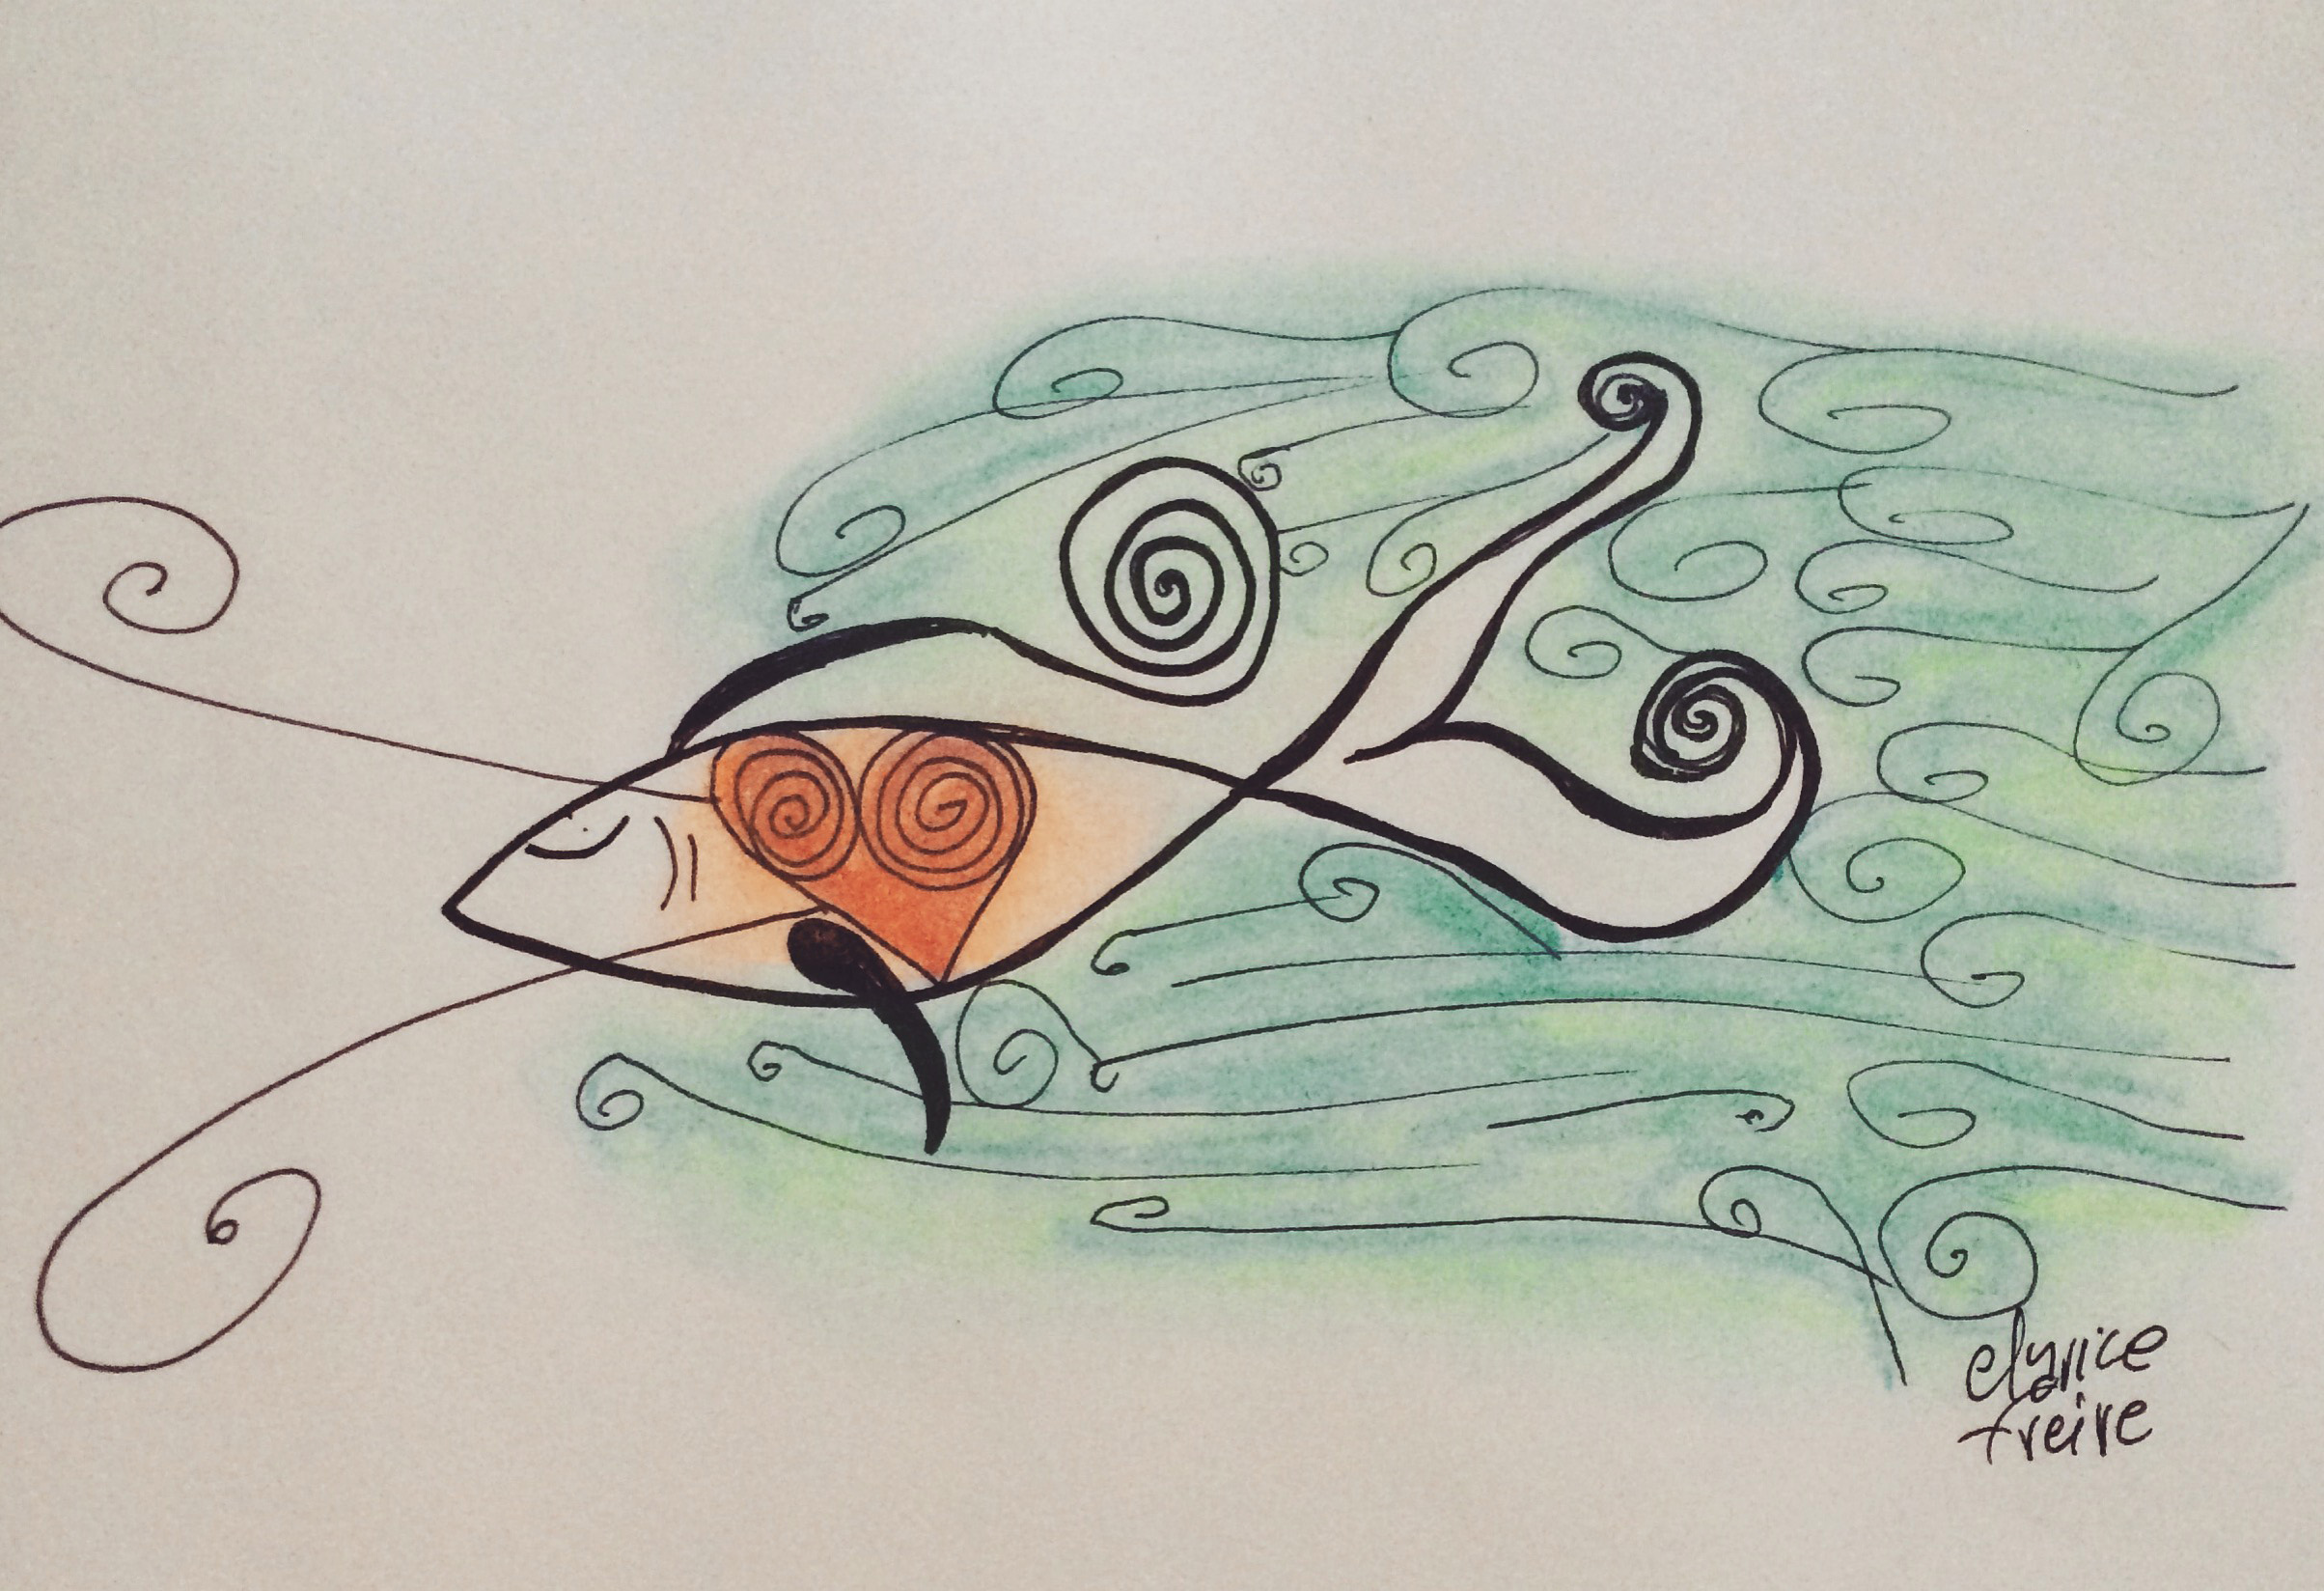 02.04 - peixeclarice